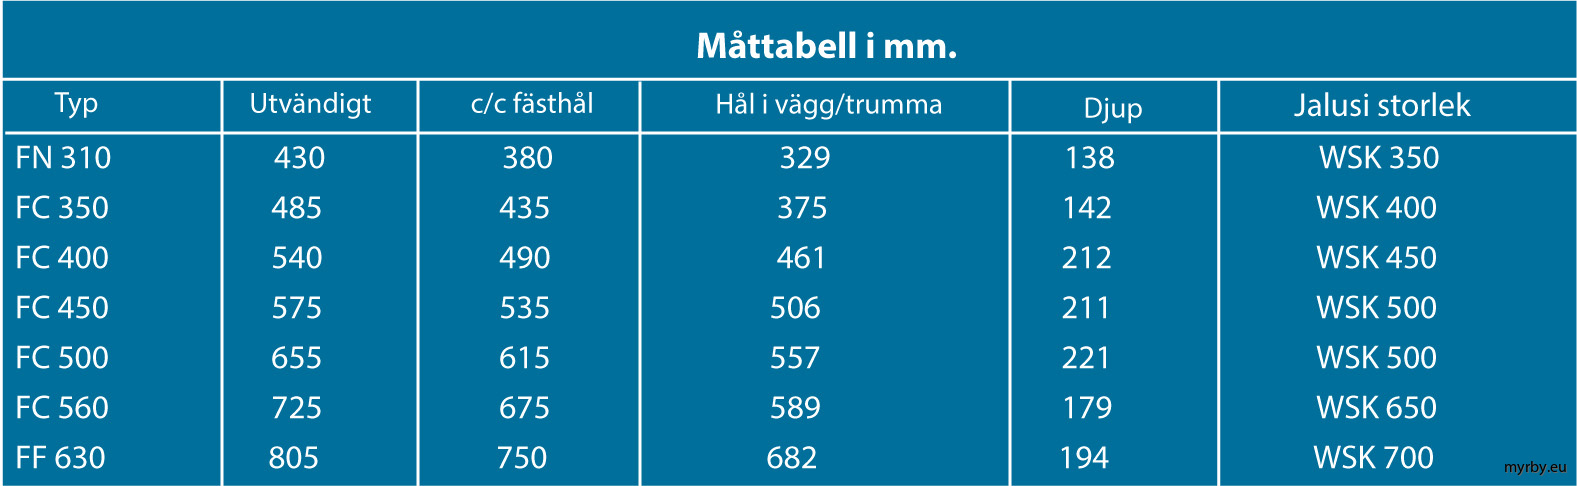 Måttabell Fläktar och Jalusi 2018